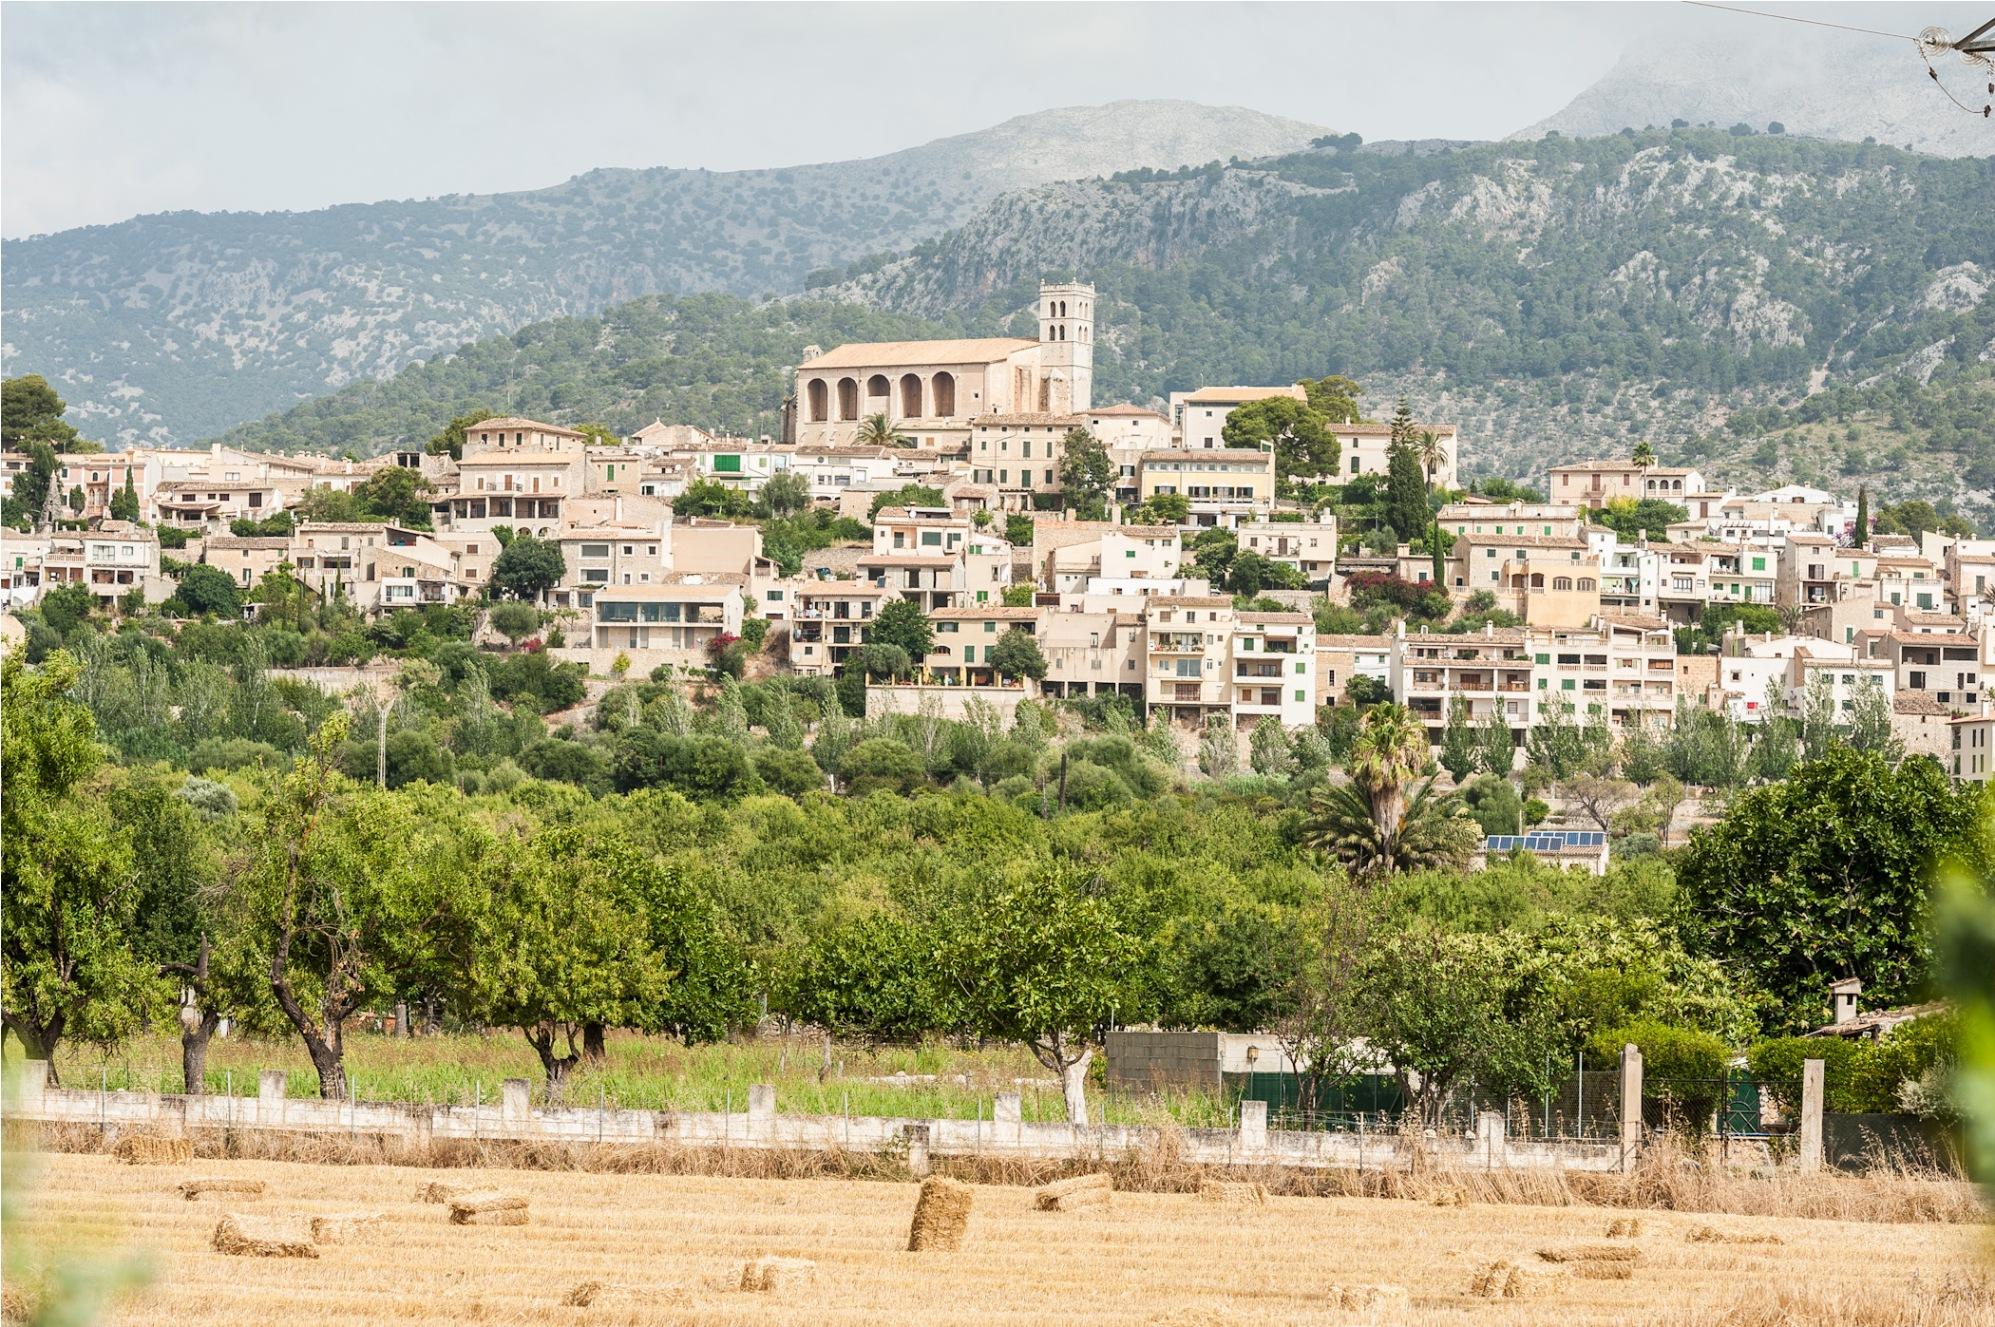 Ferienhaus BONA VIDA (1956241), Selva (ES), Mallorca, Balearische Inseln, Spanien, Bild 30